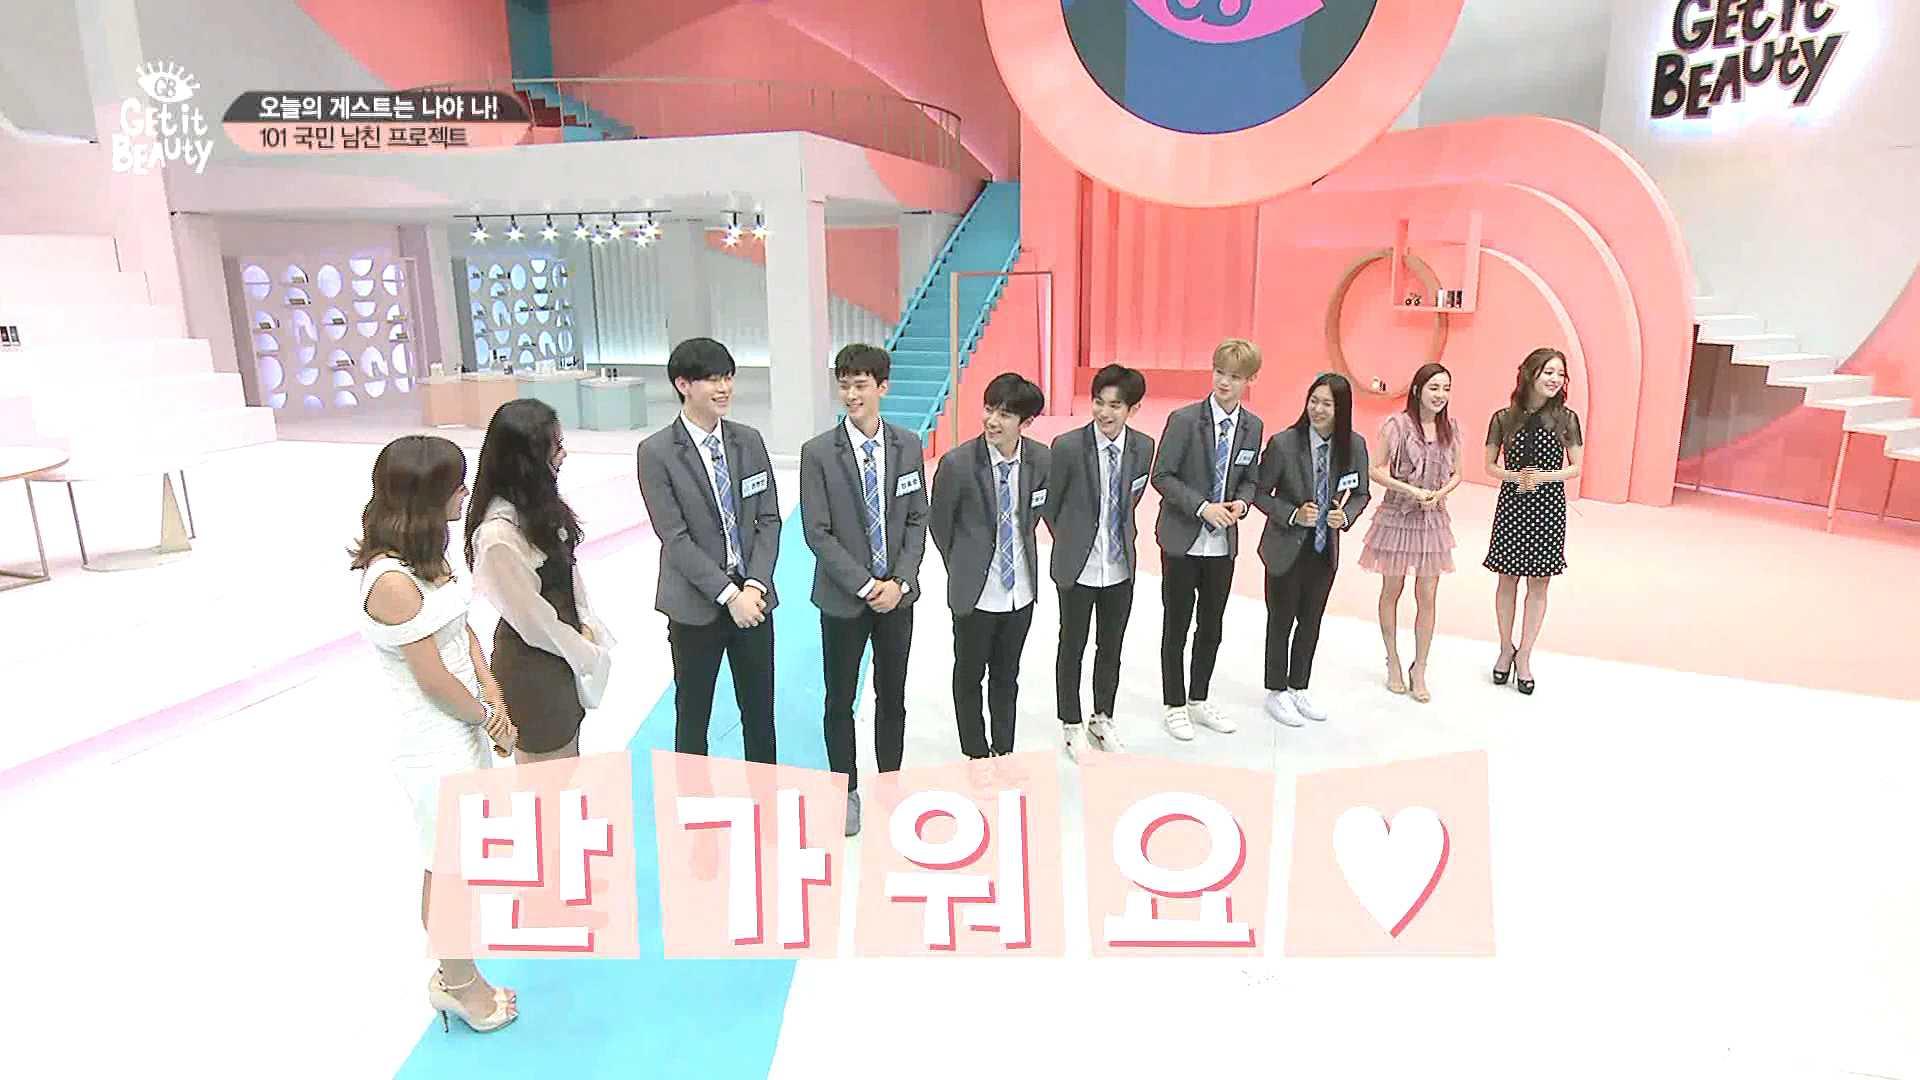 바로 프드듕이 !! 현빈, 효준, 형섭, 의웅, 저스틴, 문복!!